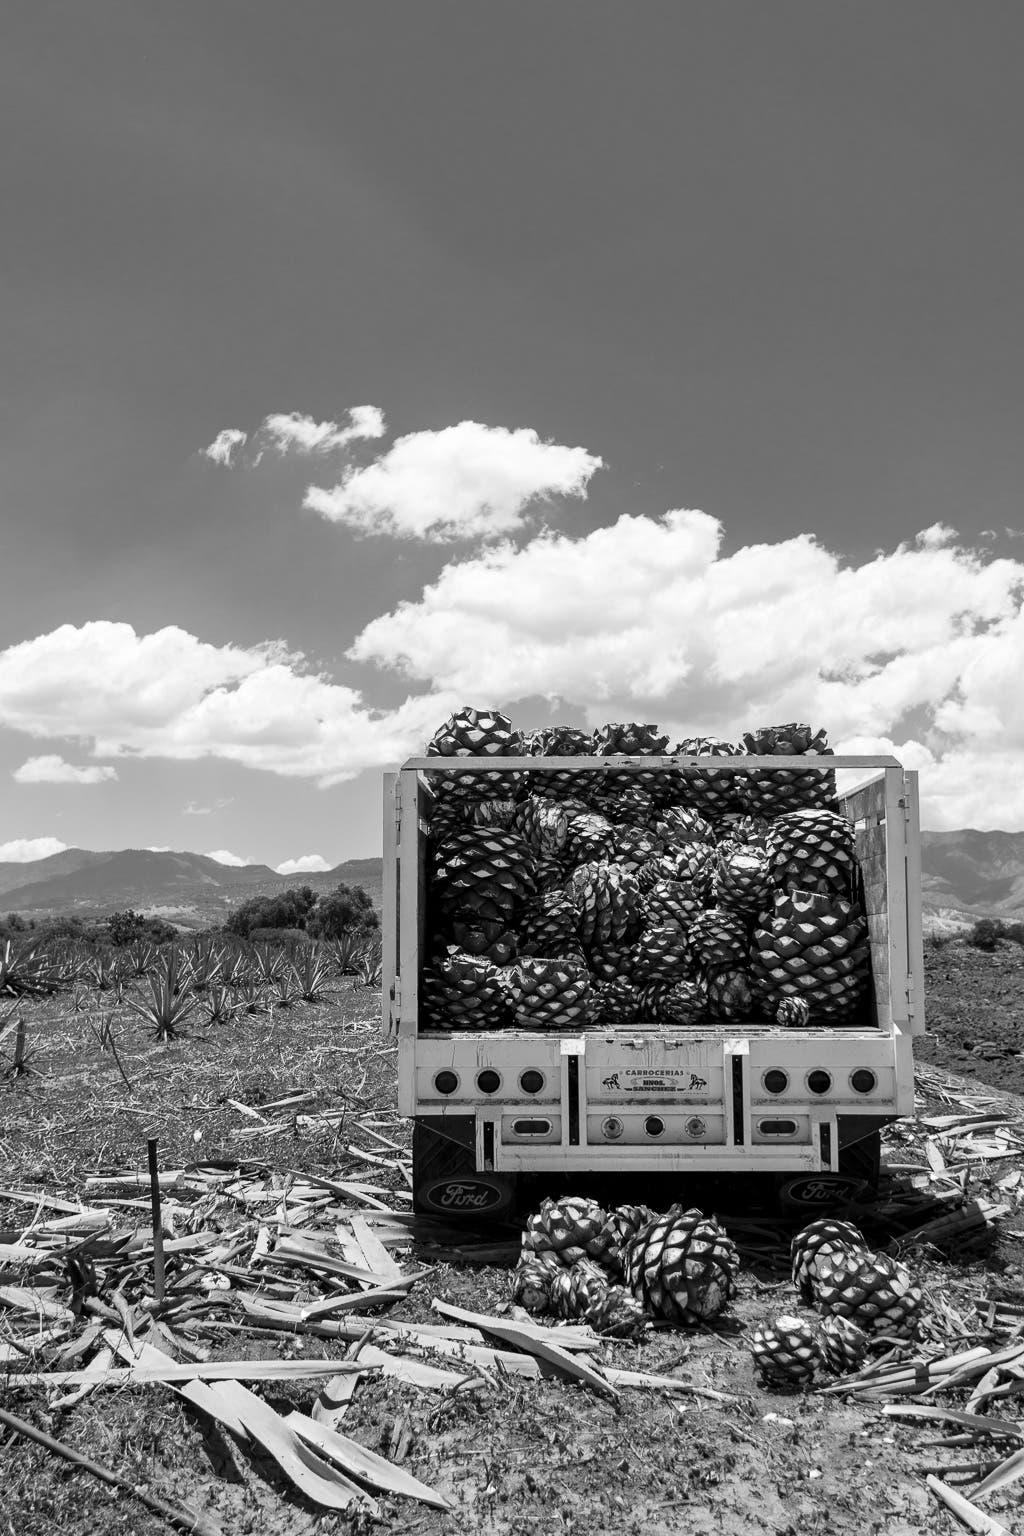 Ladefläche eines Lastwagens vollbeladen mit Früchten